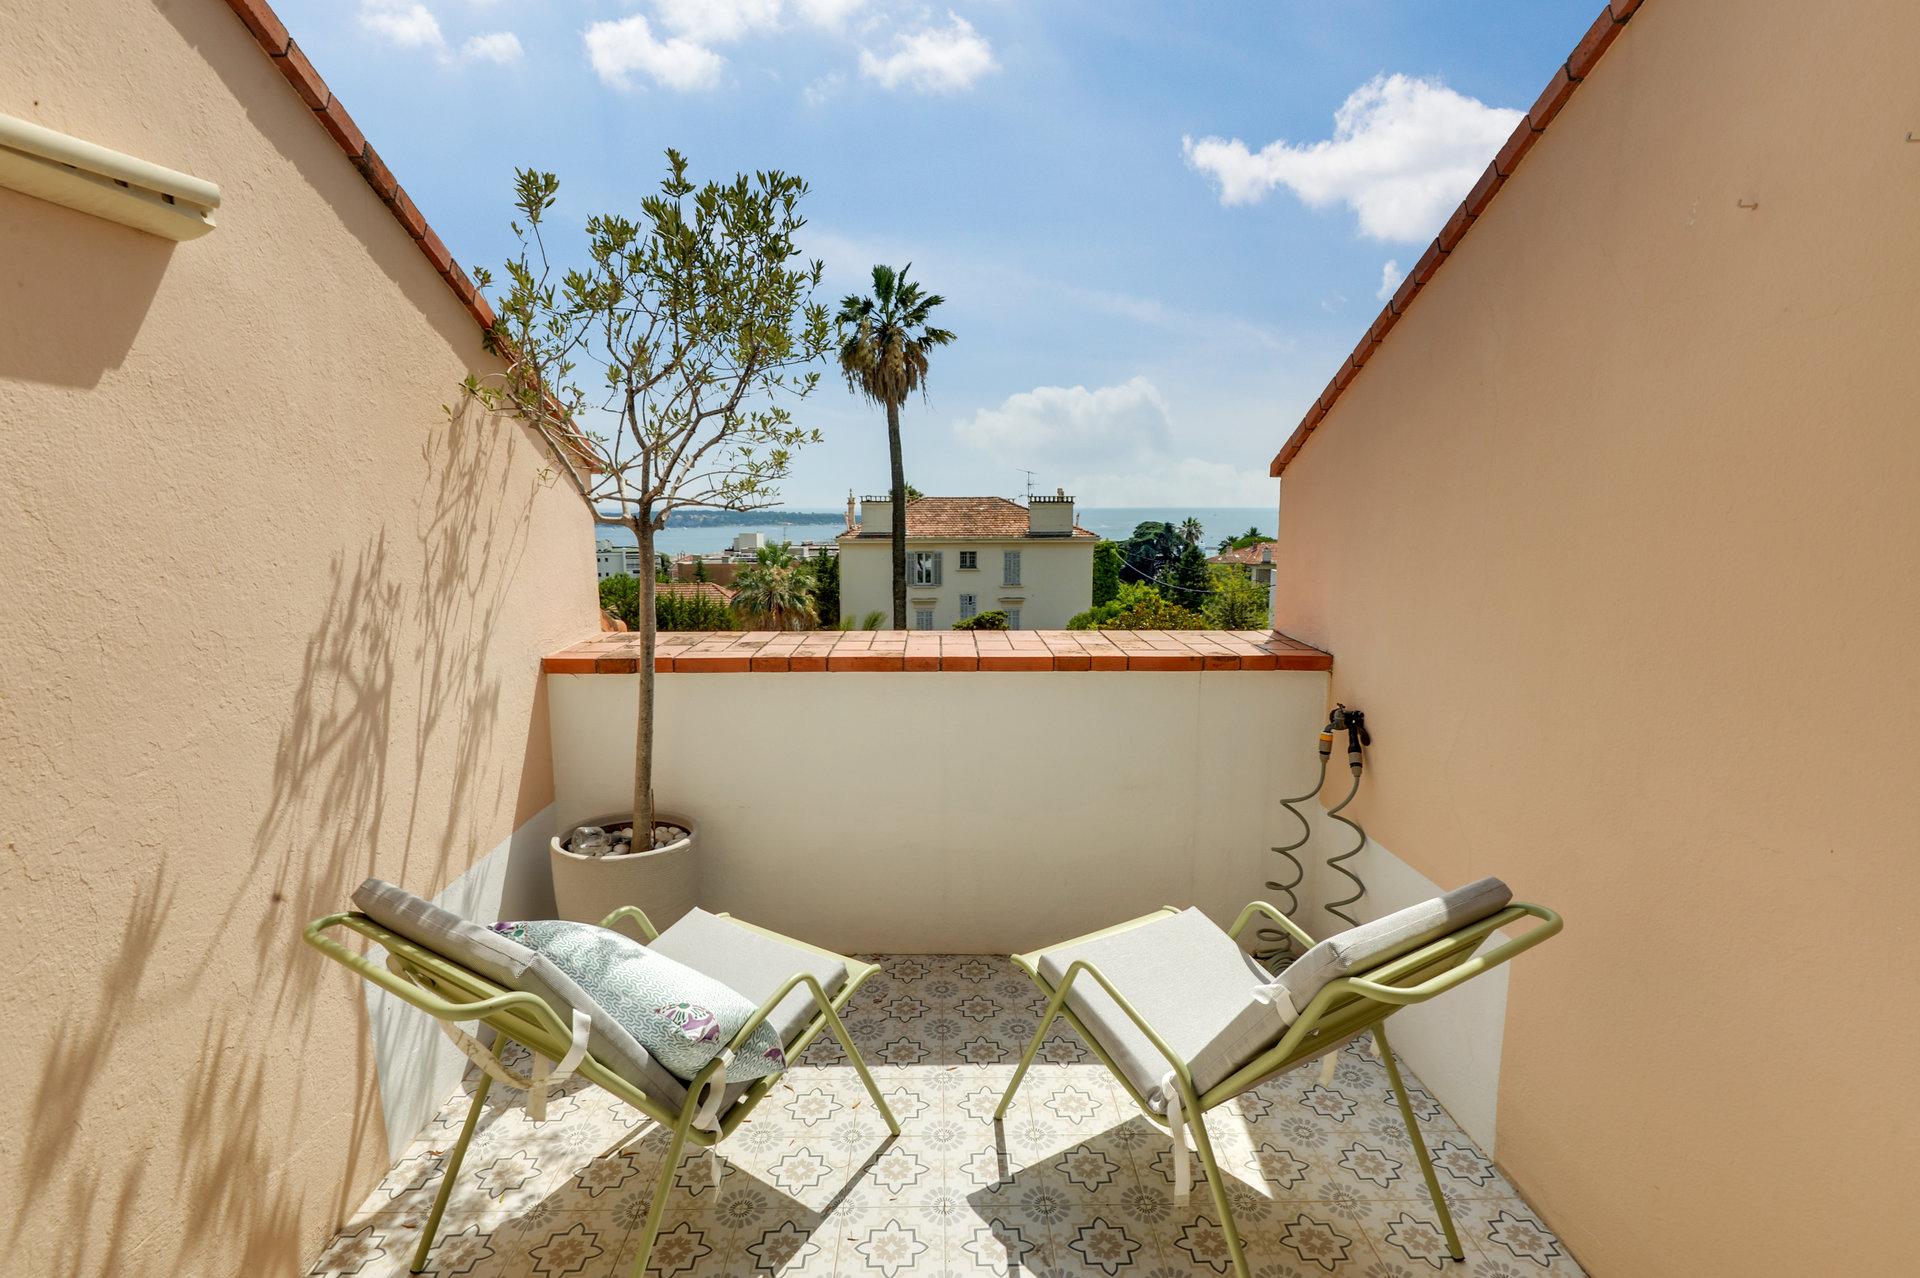 EXCLUSIVITE Cannes Californie -  Beau dernier étage 95m2 avec terrasses et vue mer